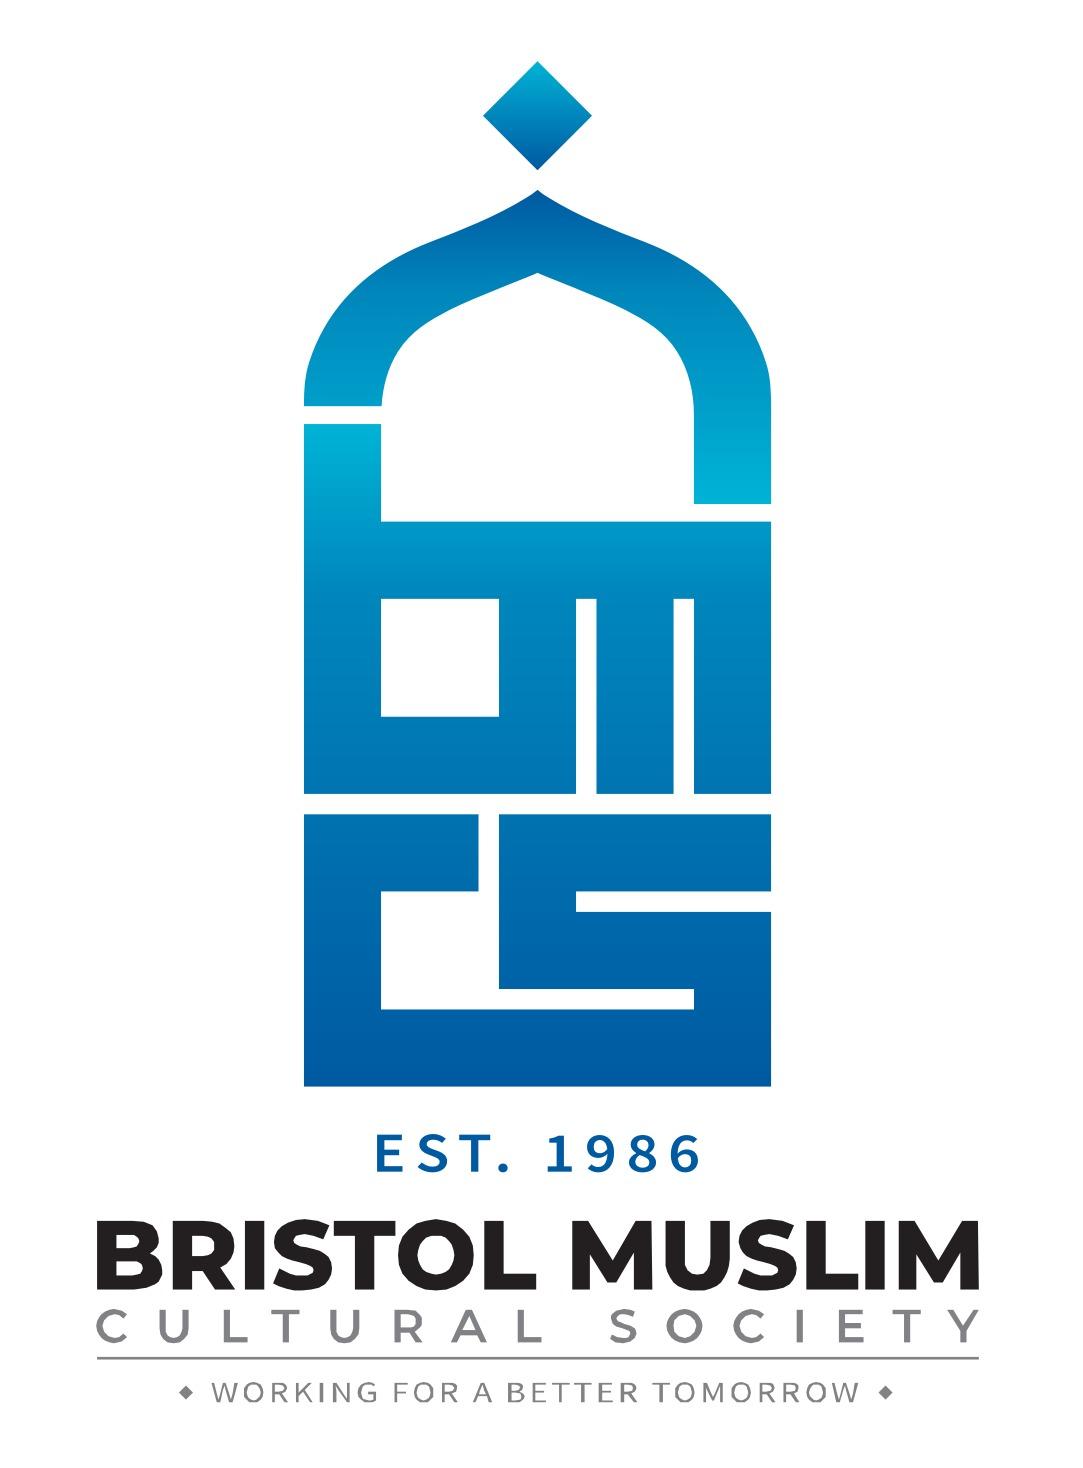 Bristol Muslim Cultural Soceity (BMCS) logo